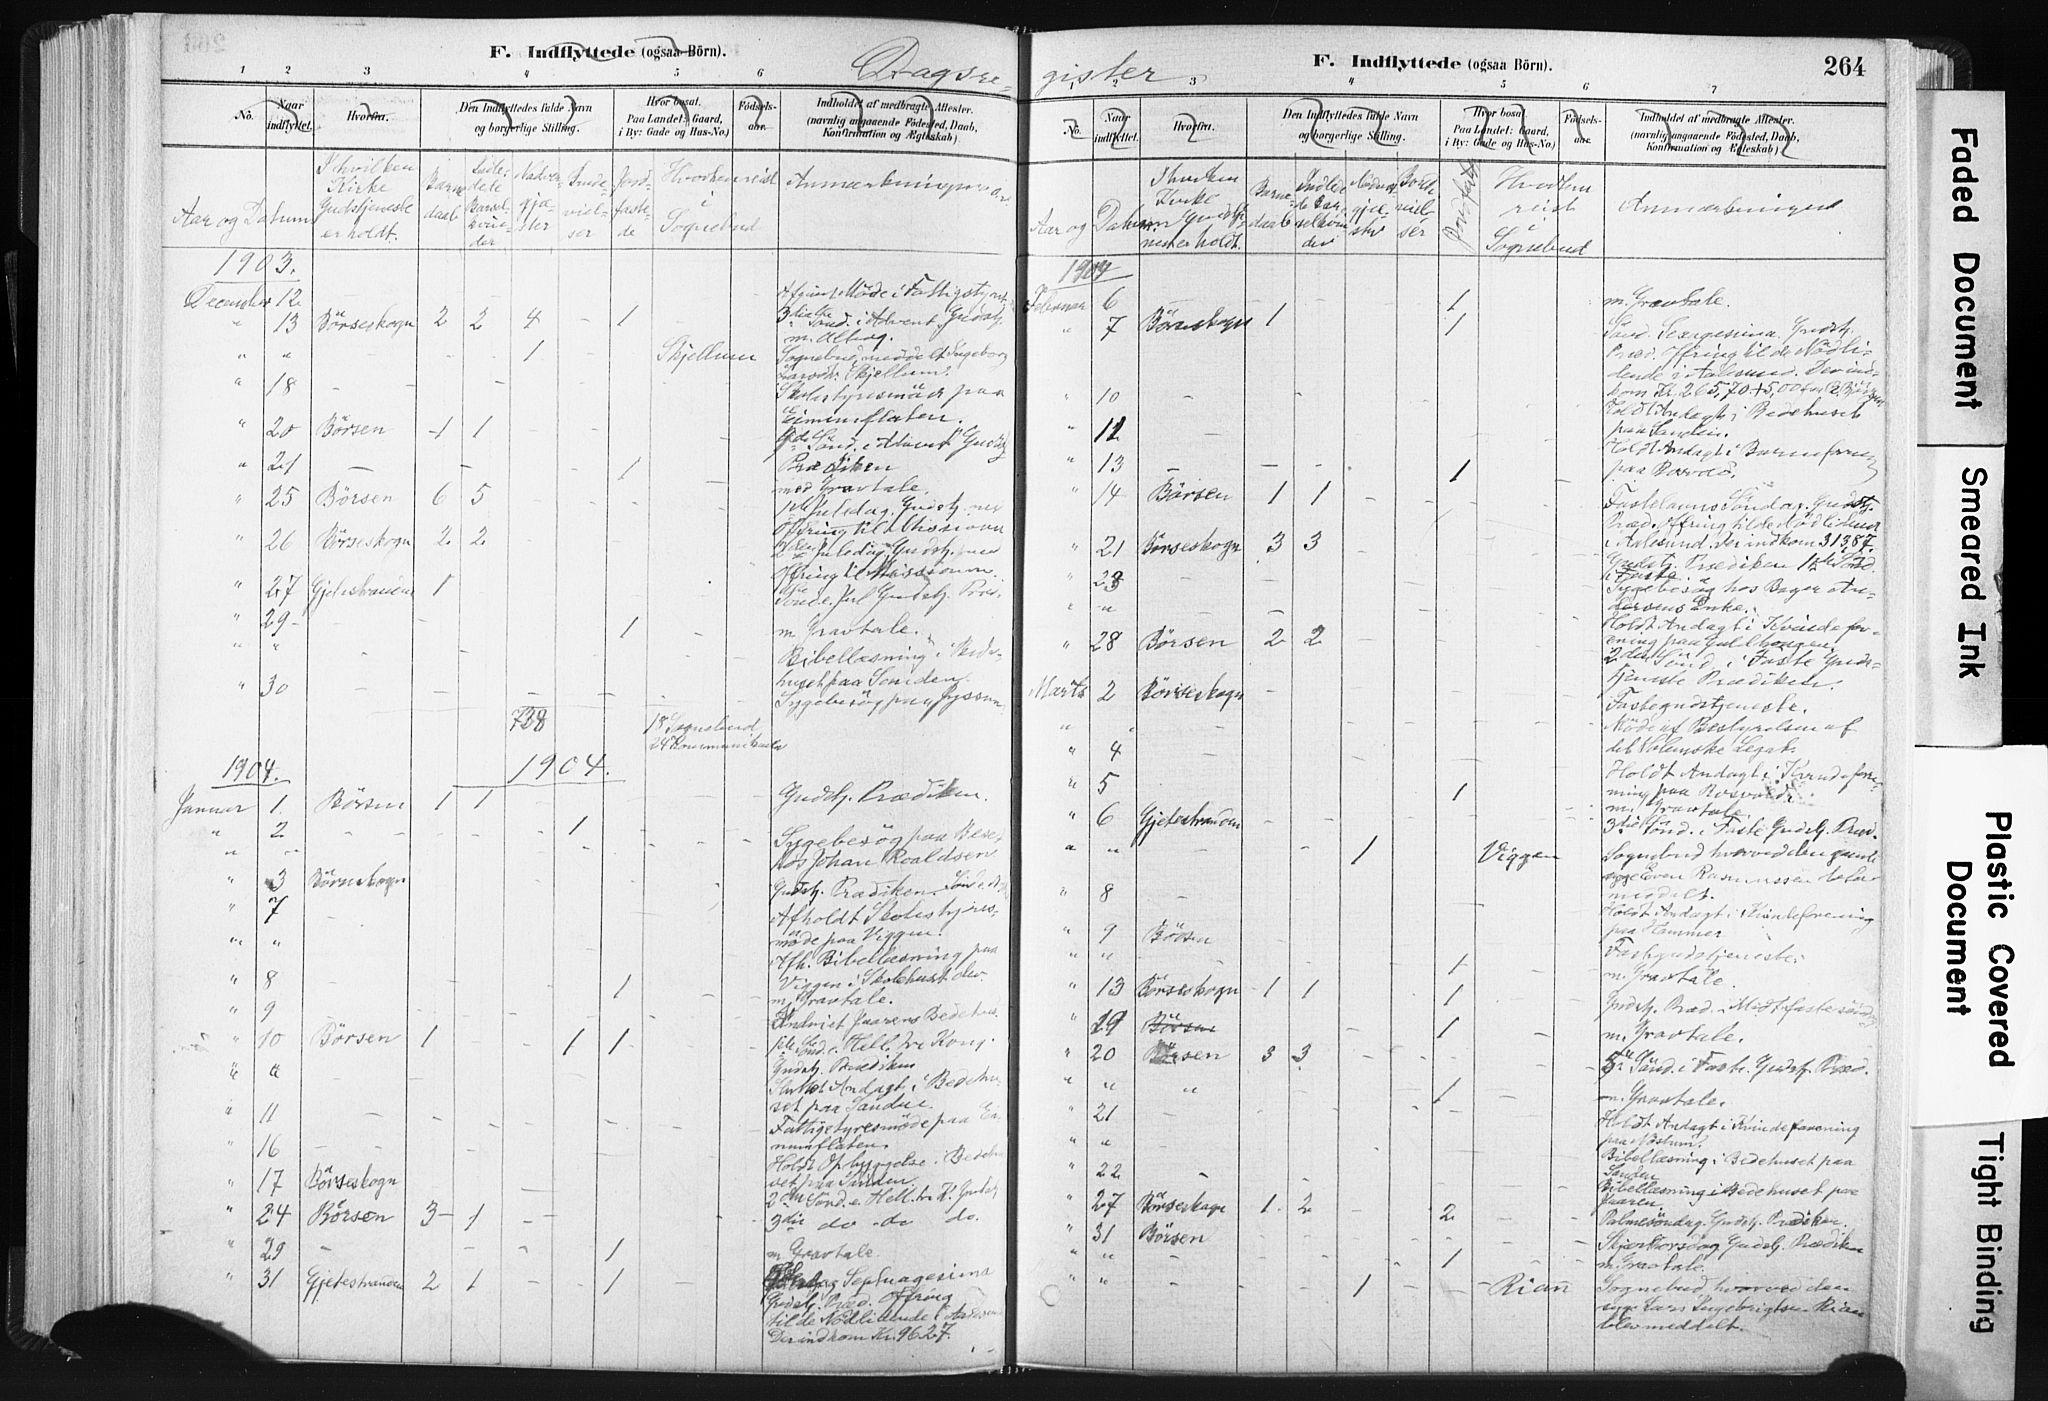 SAT, Ministerialprotokoller, klokkerbøker og fødselsregistre - Sør-Trøndelag, 665/L0773: Ministerialbok nr. 665A08, 1879-1905, s. 264